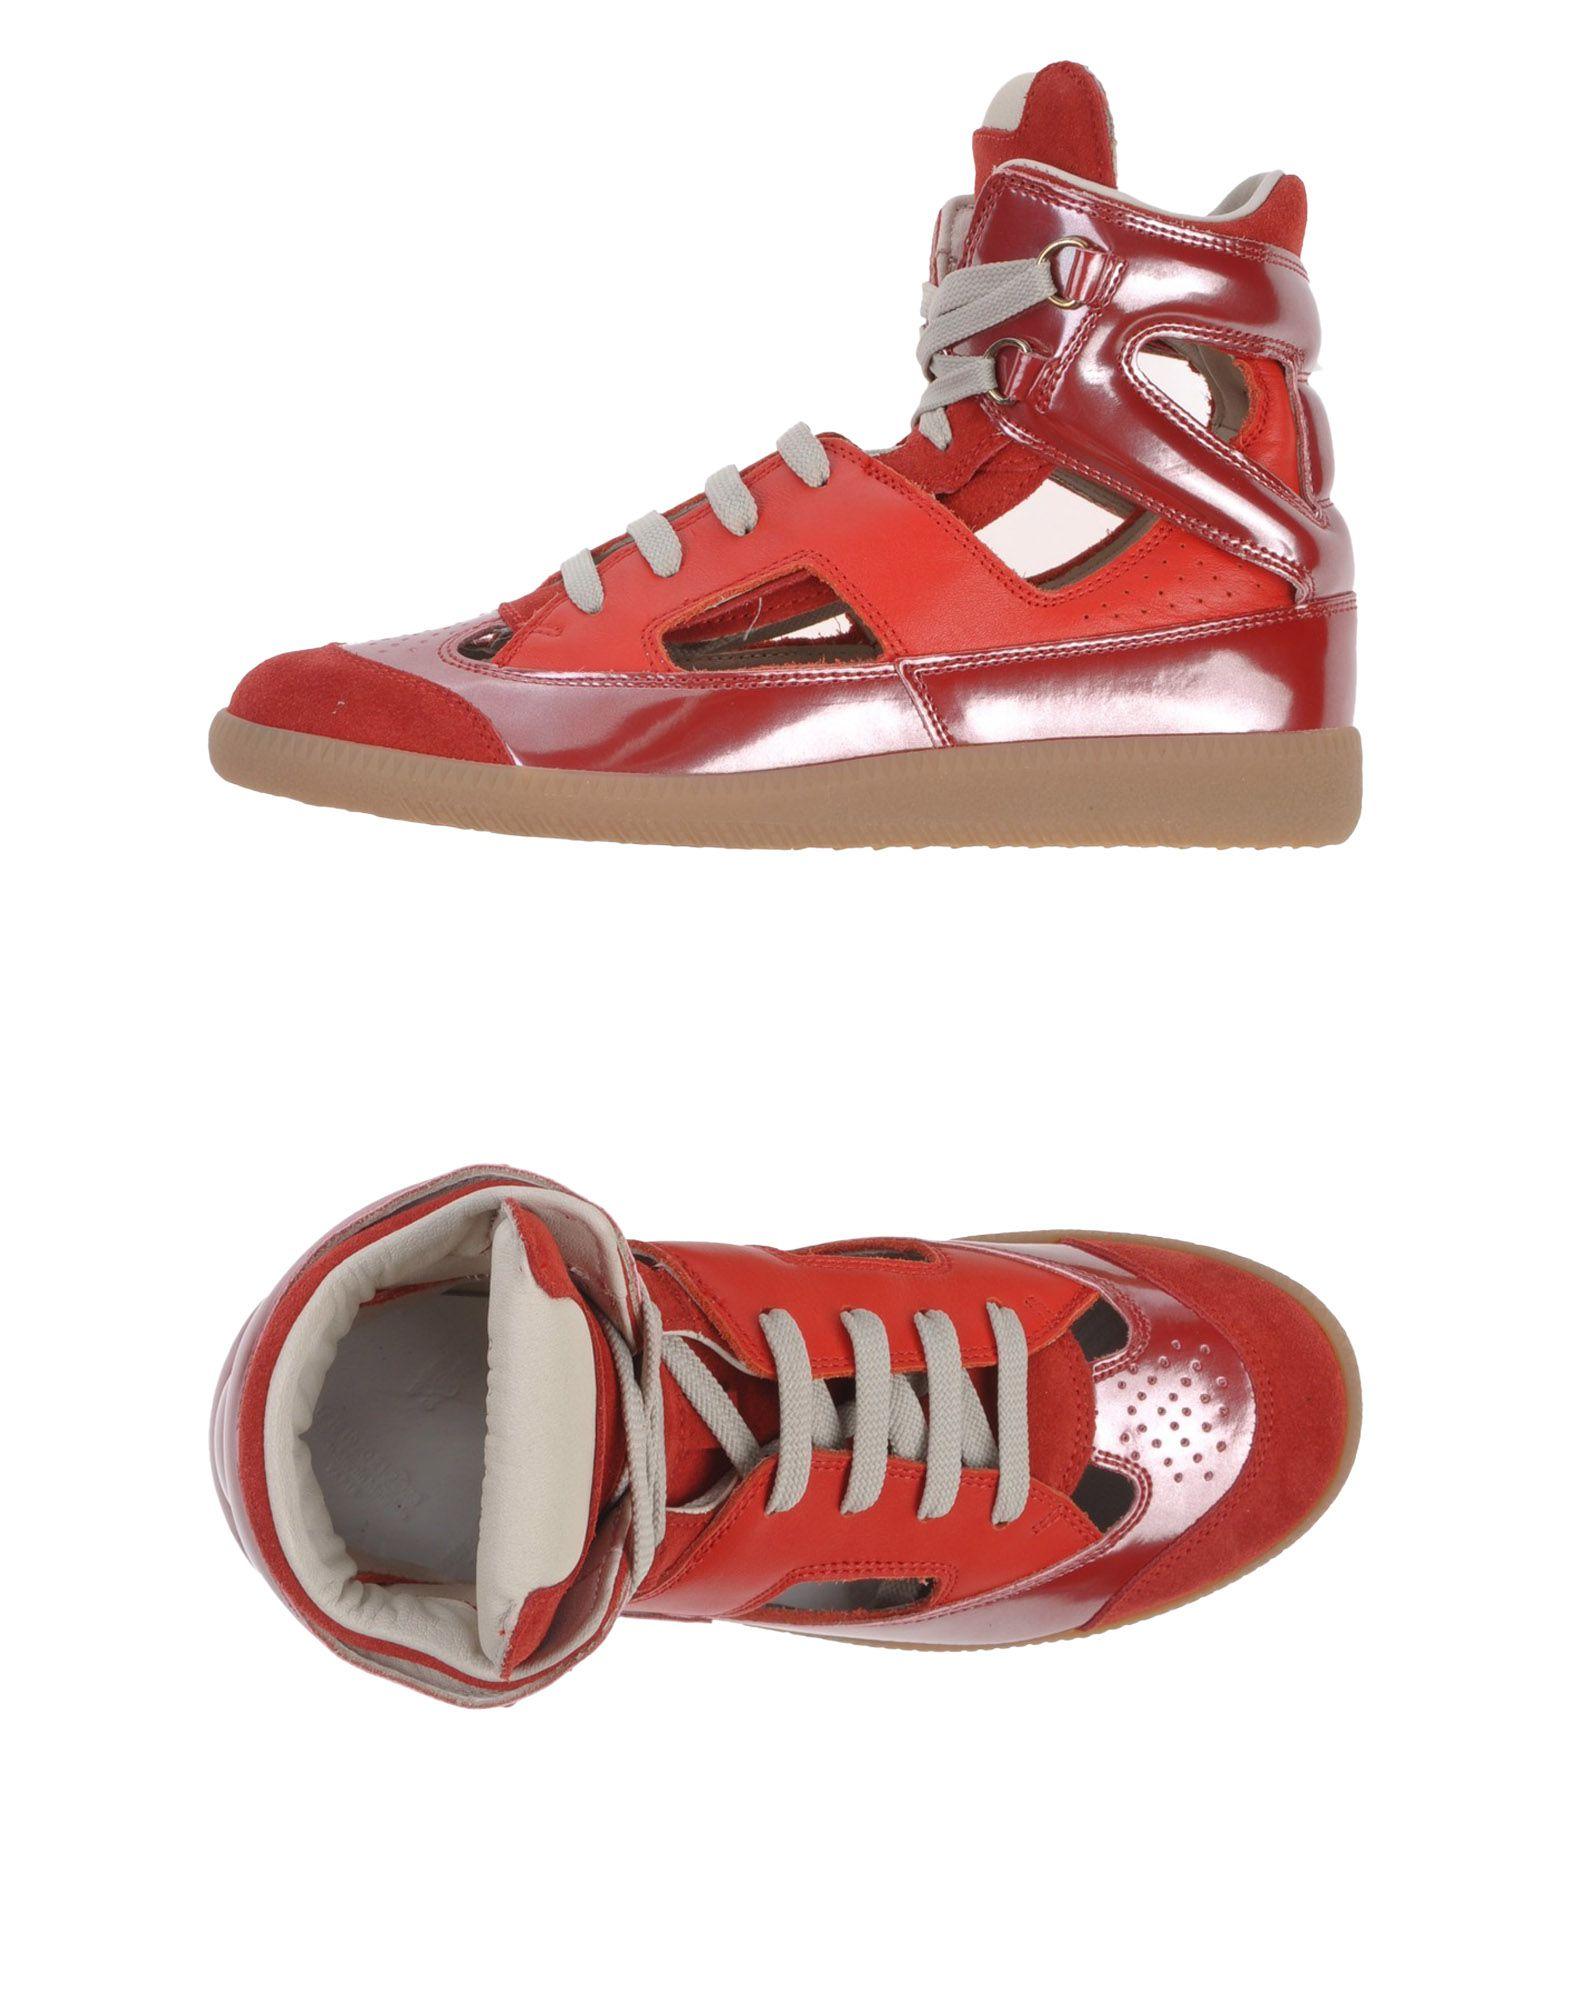 Maison Margiela Sneakers Damen Damen Damen  44742882TH Beliebte Schuhe 4ab330